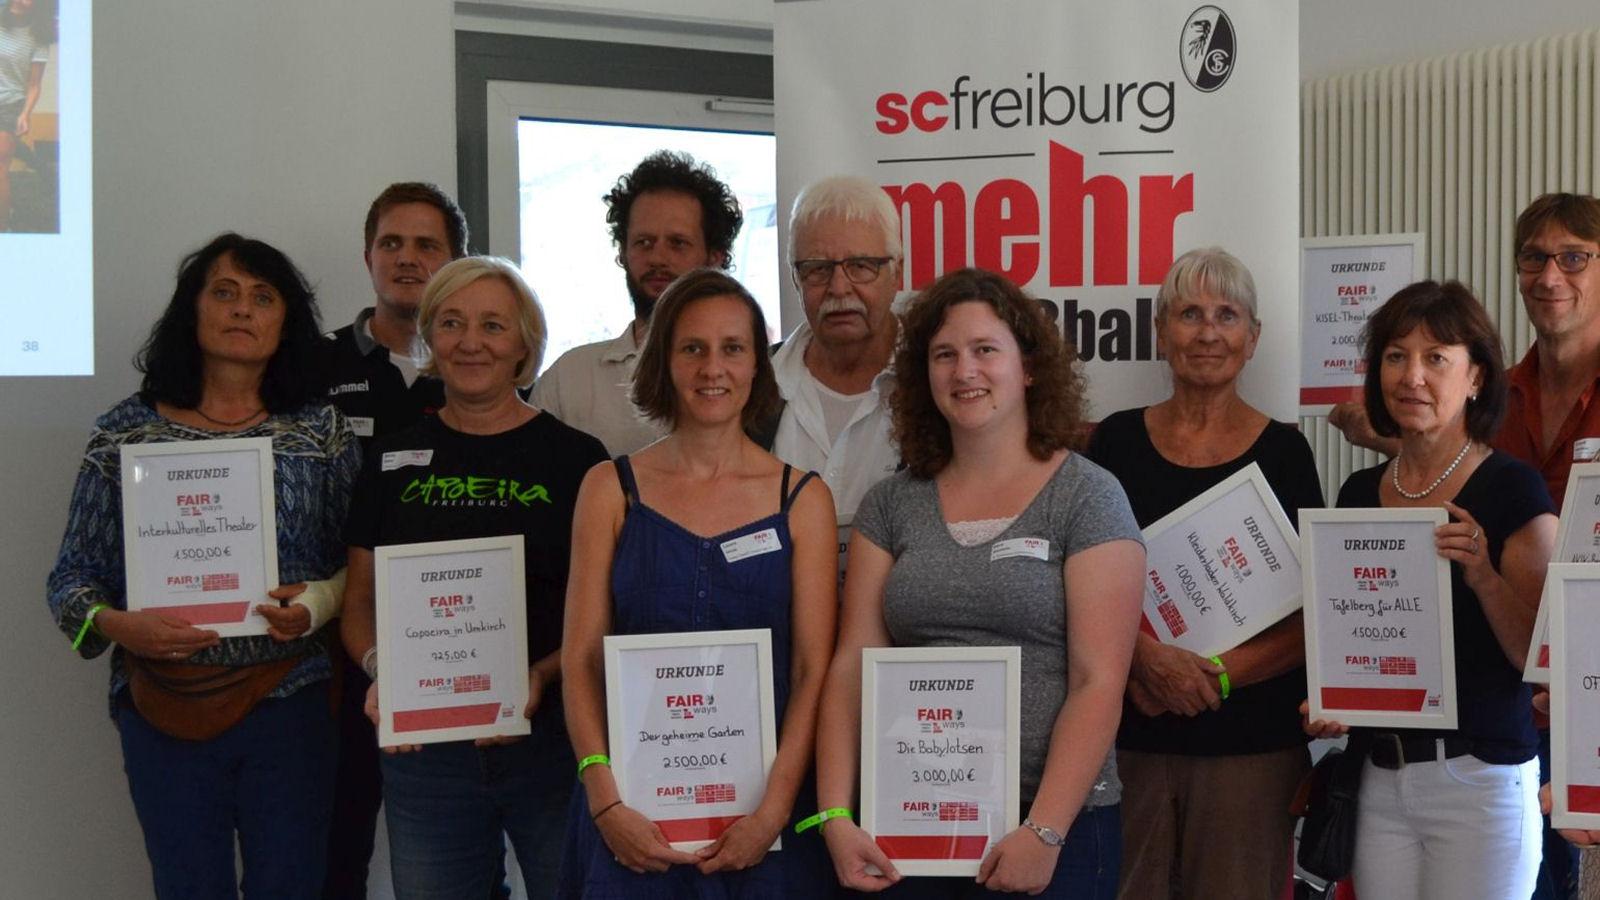 Babylotsin Vera Stächelin (1. Reihe, vierte von links) nimmt neben 25 weiteren Projektvertretern die Spende des SC Freiburg entgegen.